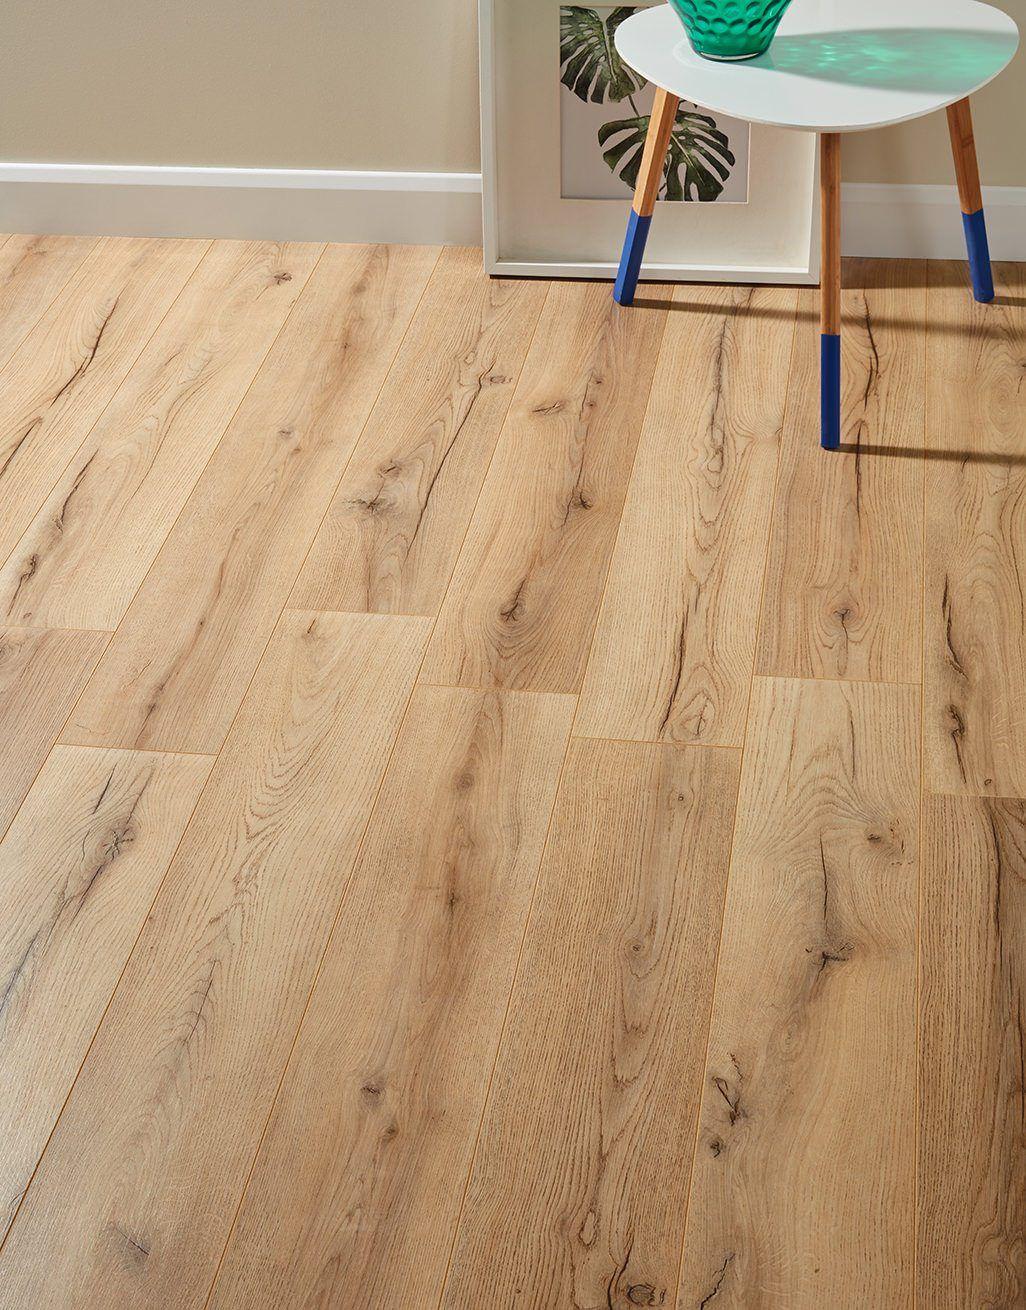 Loft Rustic Oak Laminate Flooring, Real Wood Effect Laminate Flooring